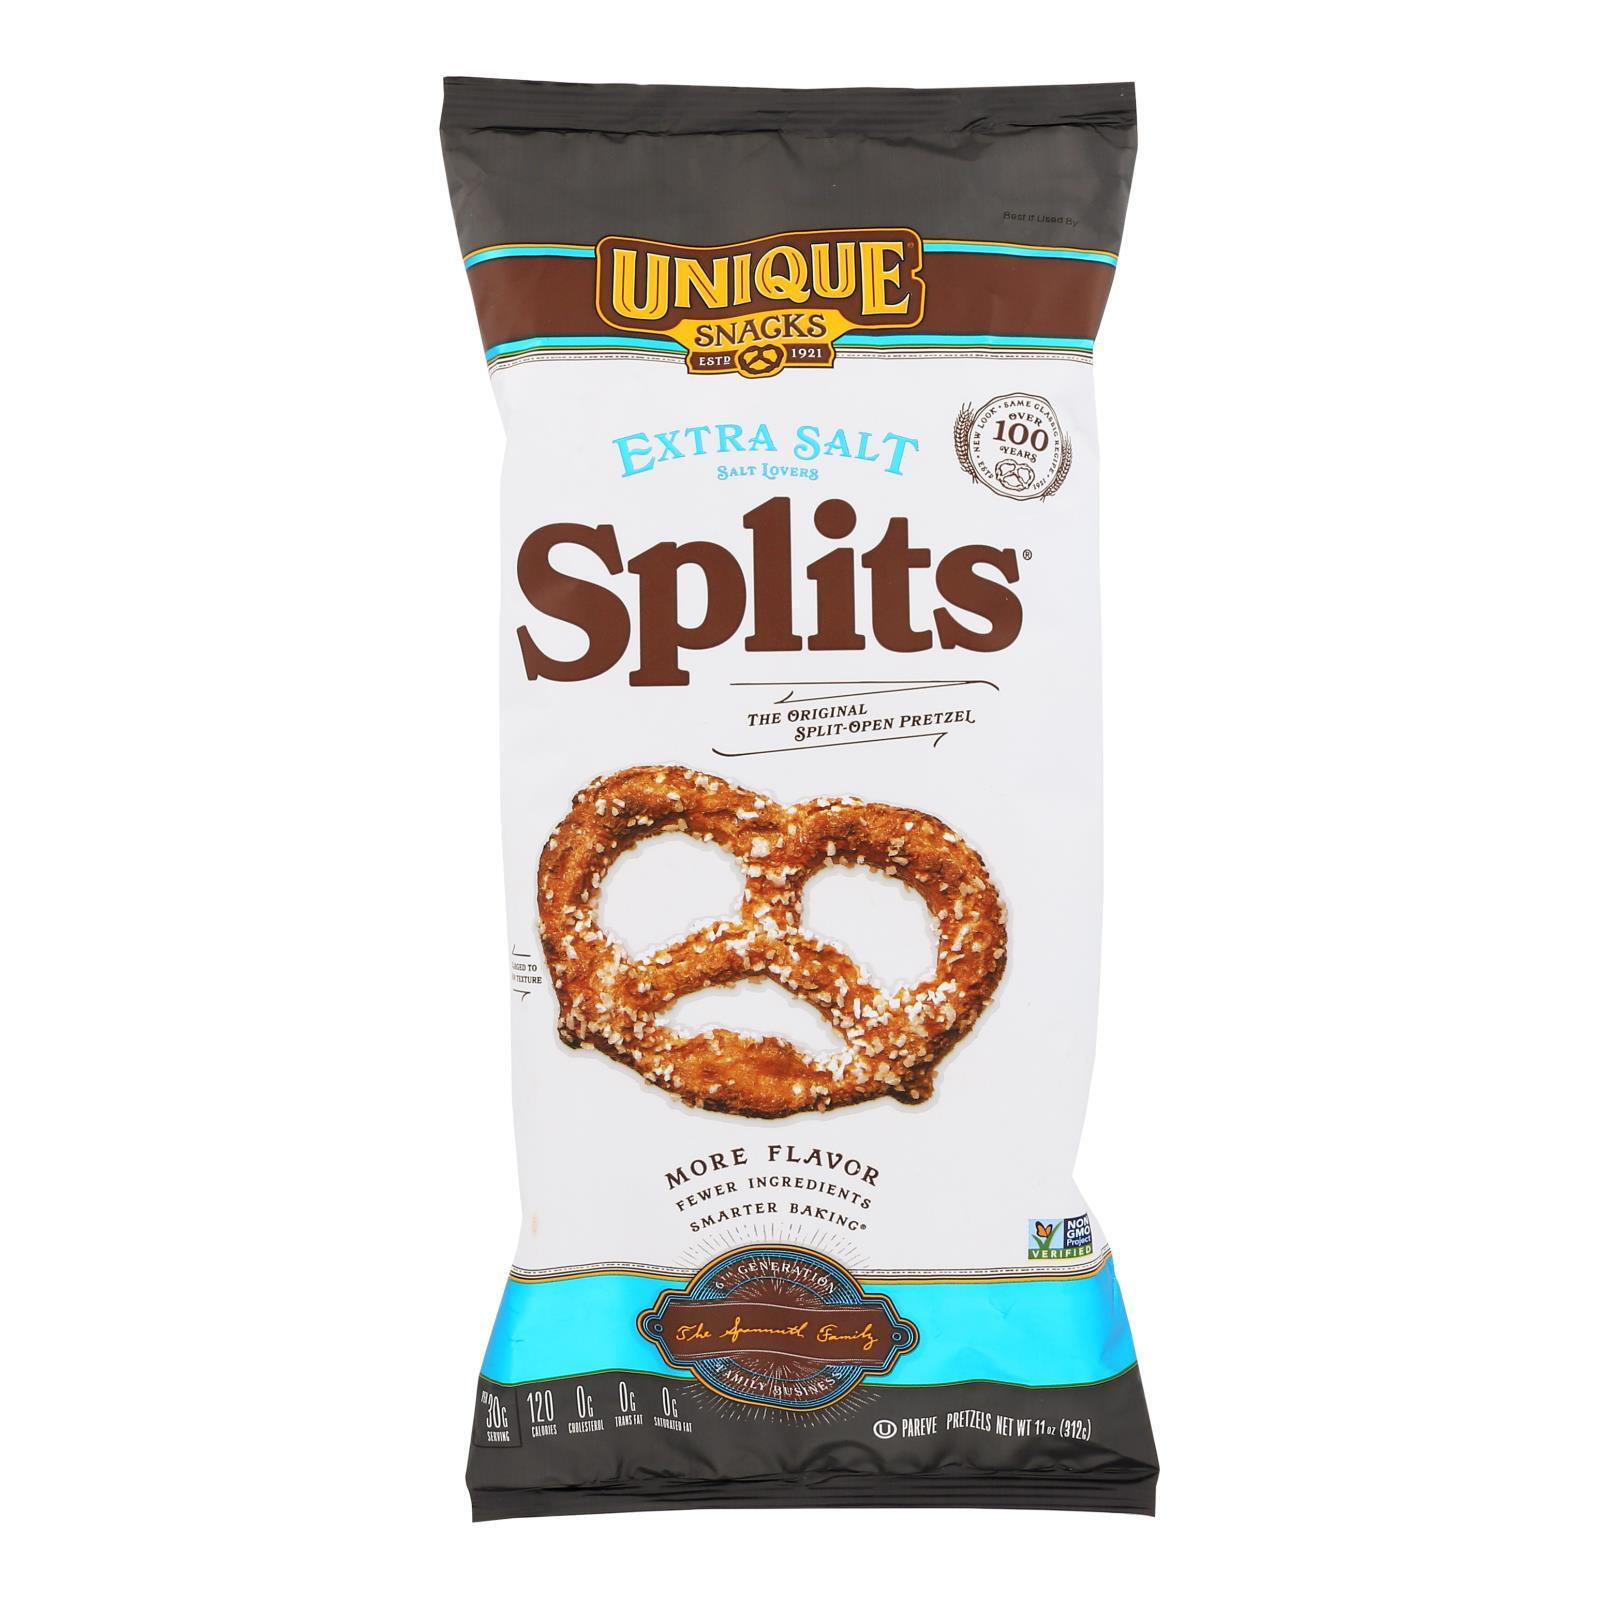 Unique Pretzels Pretzels - Extra Salt Splits - Case of 12 - 11 oz